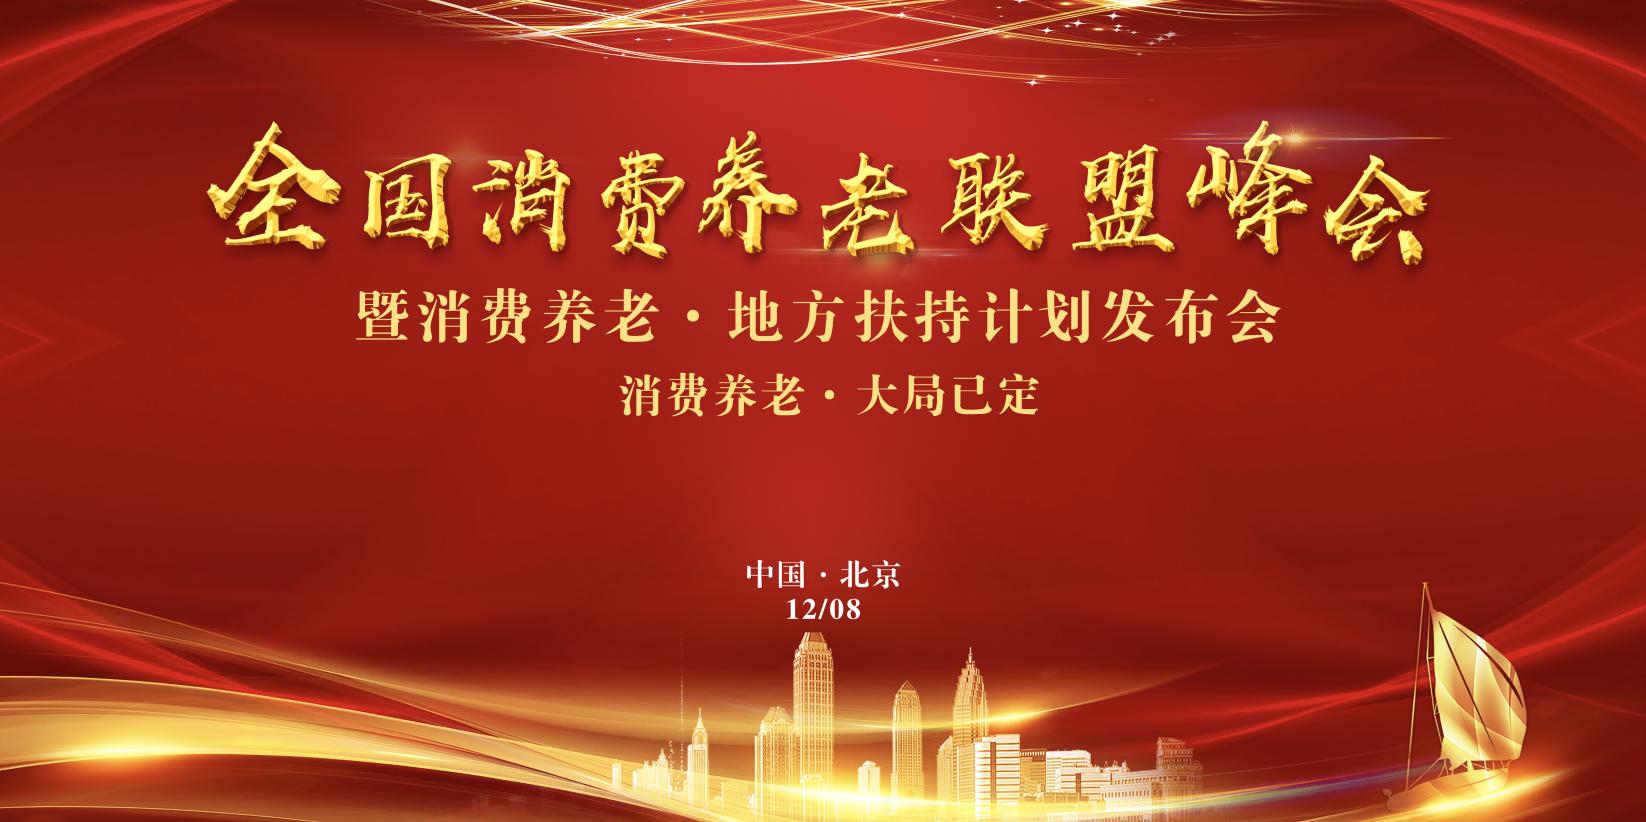 伴聚全国消费养老联盟峰会在京召开,各行各业规范运营全民养老